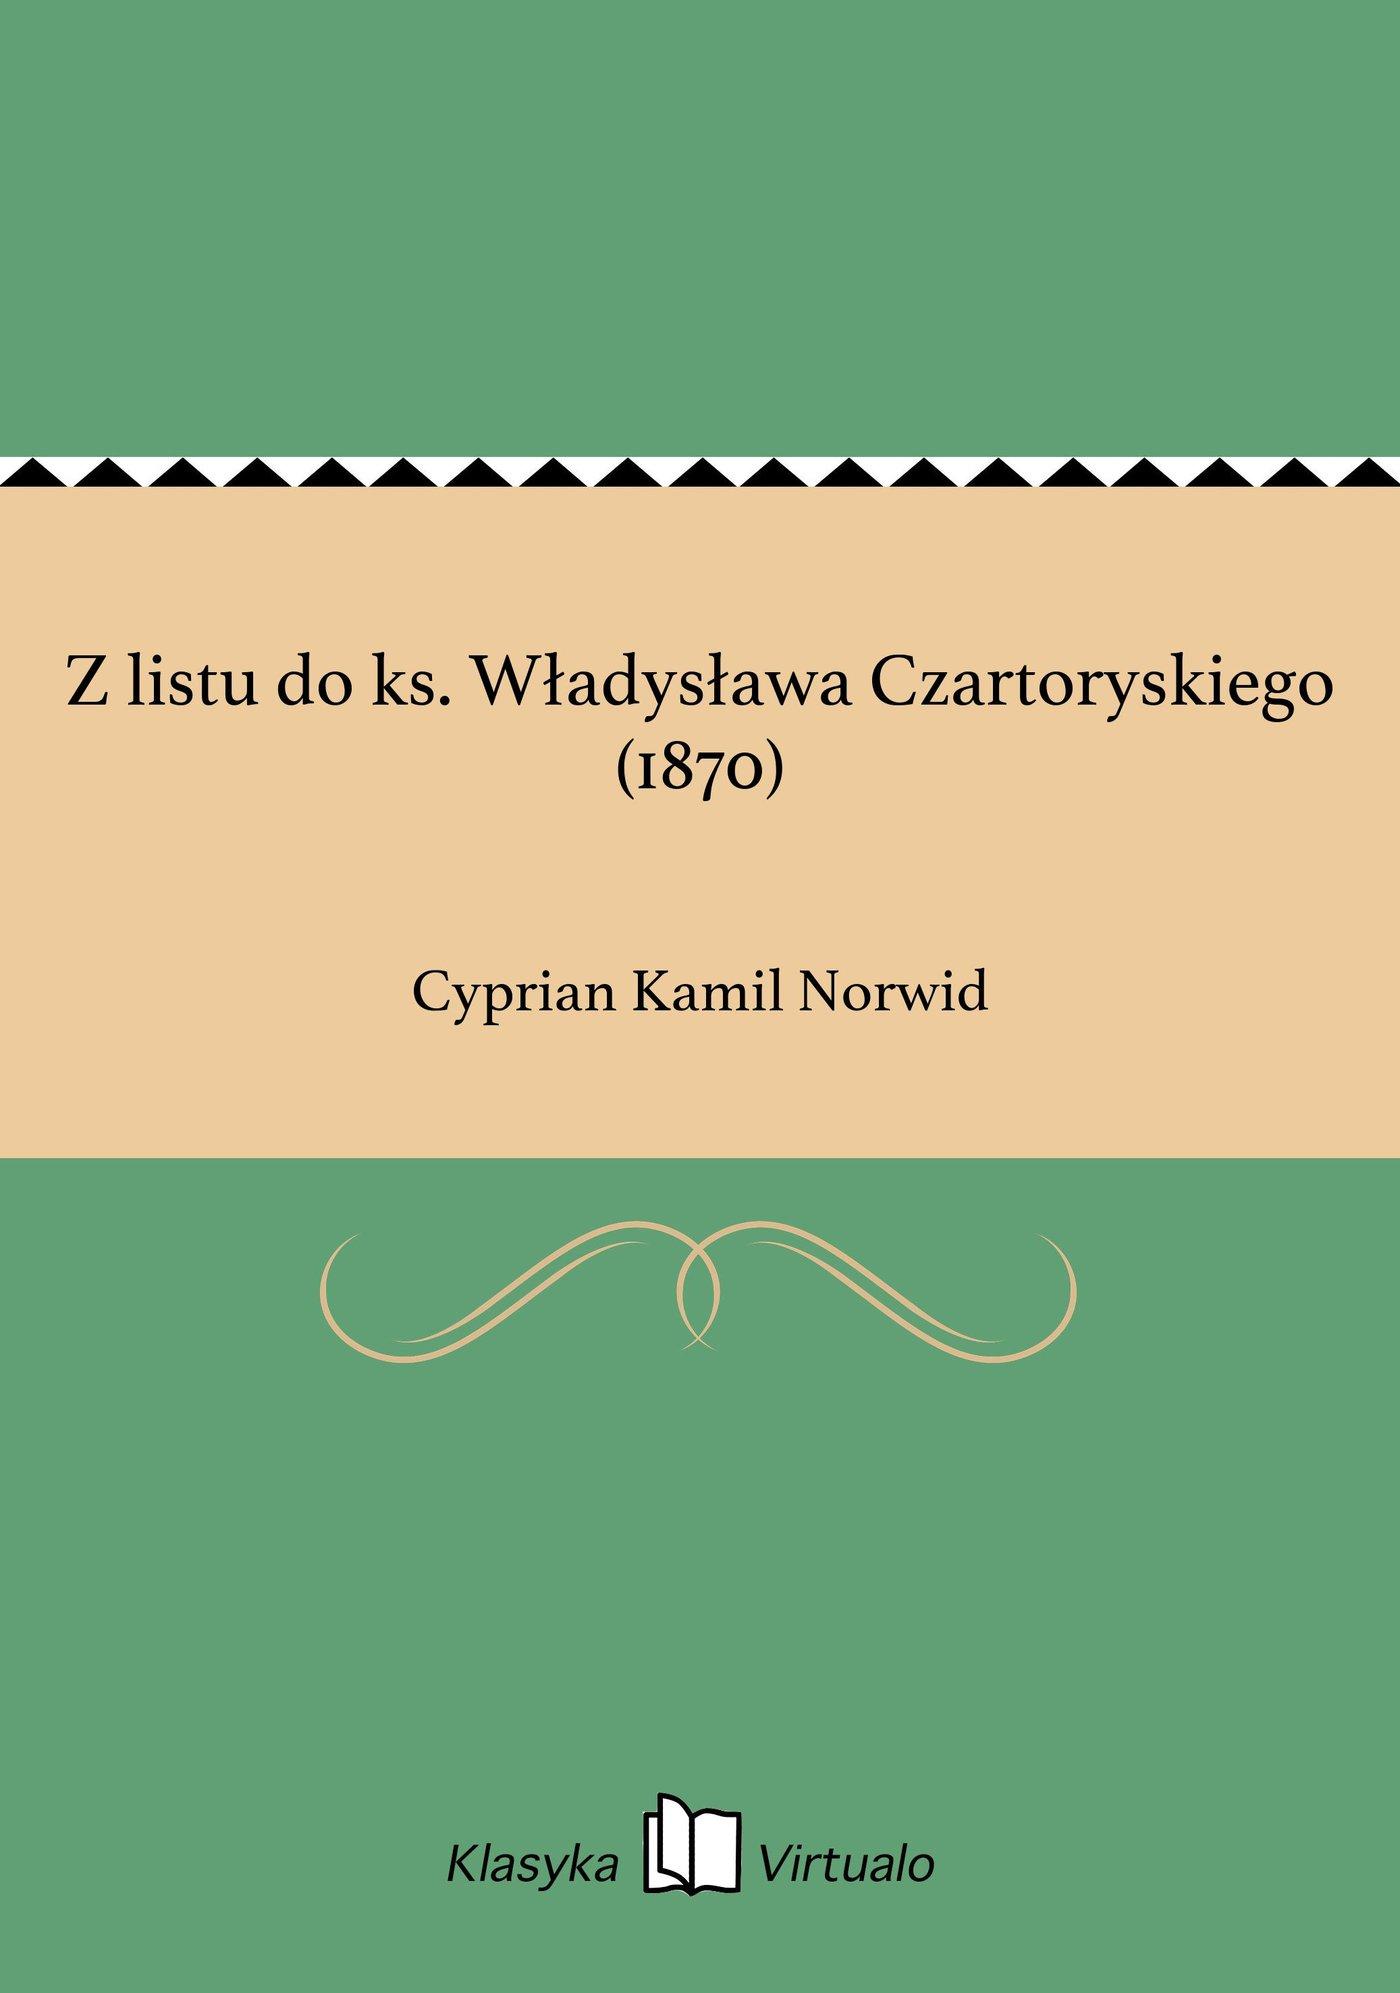 Z listu do ks. Władysława Czartoryskiego (1870) - Ebook (Książka EPUB) do pobrania w formacie EPUB